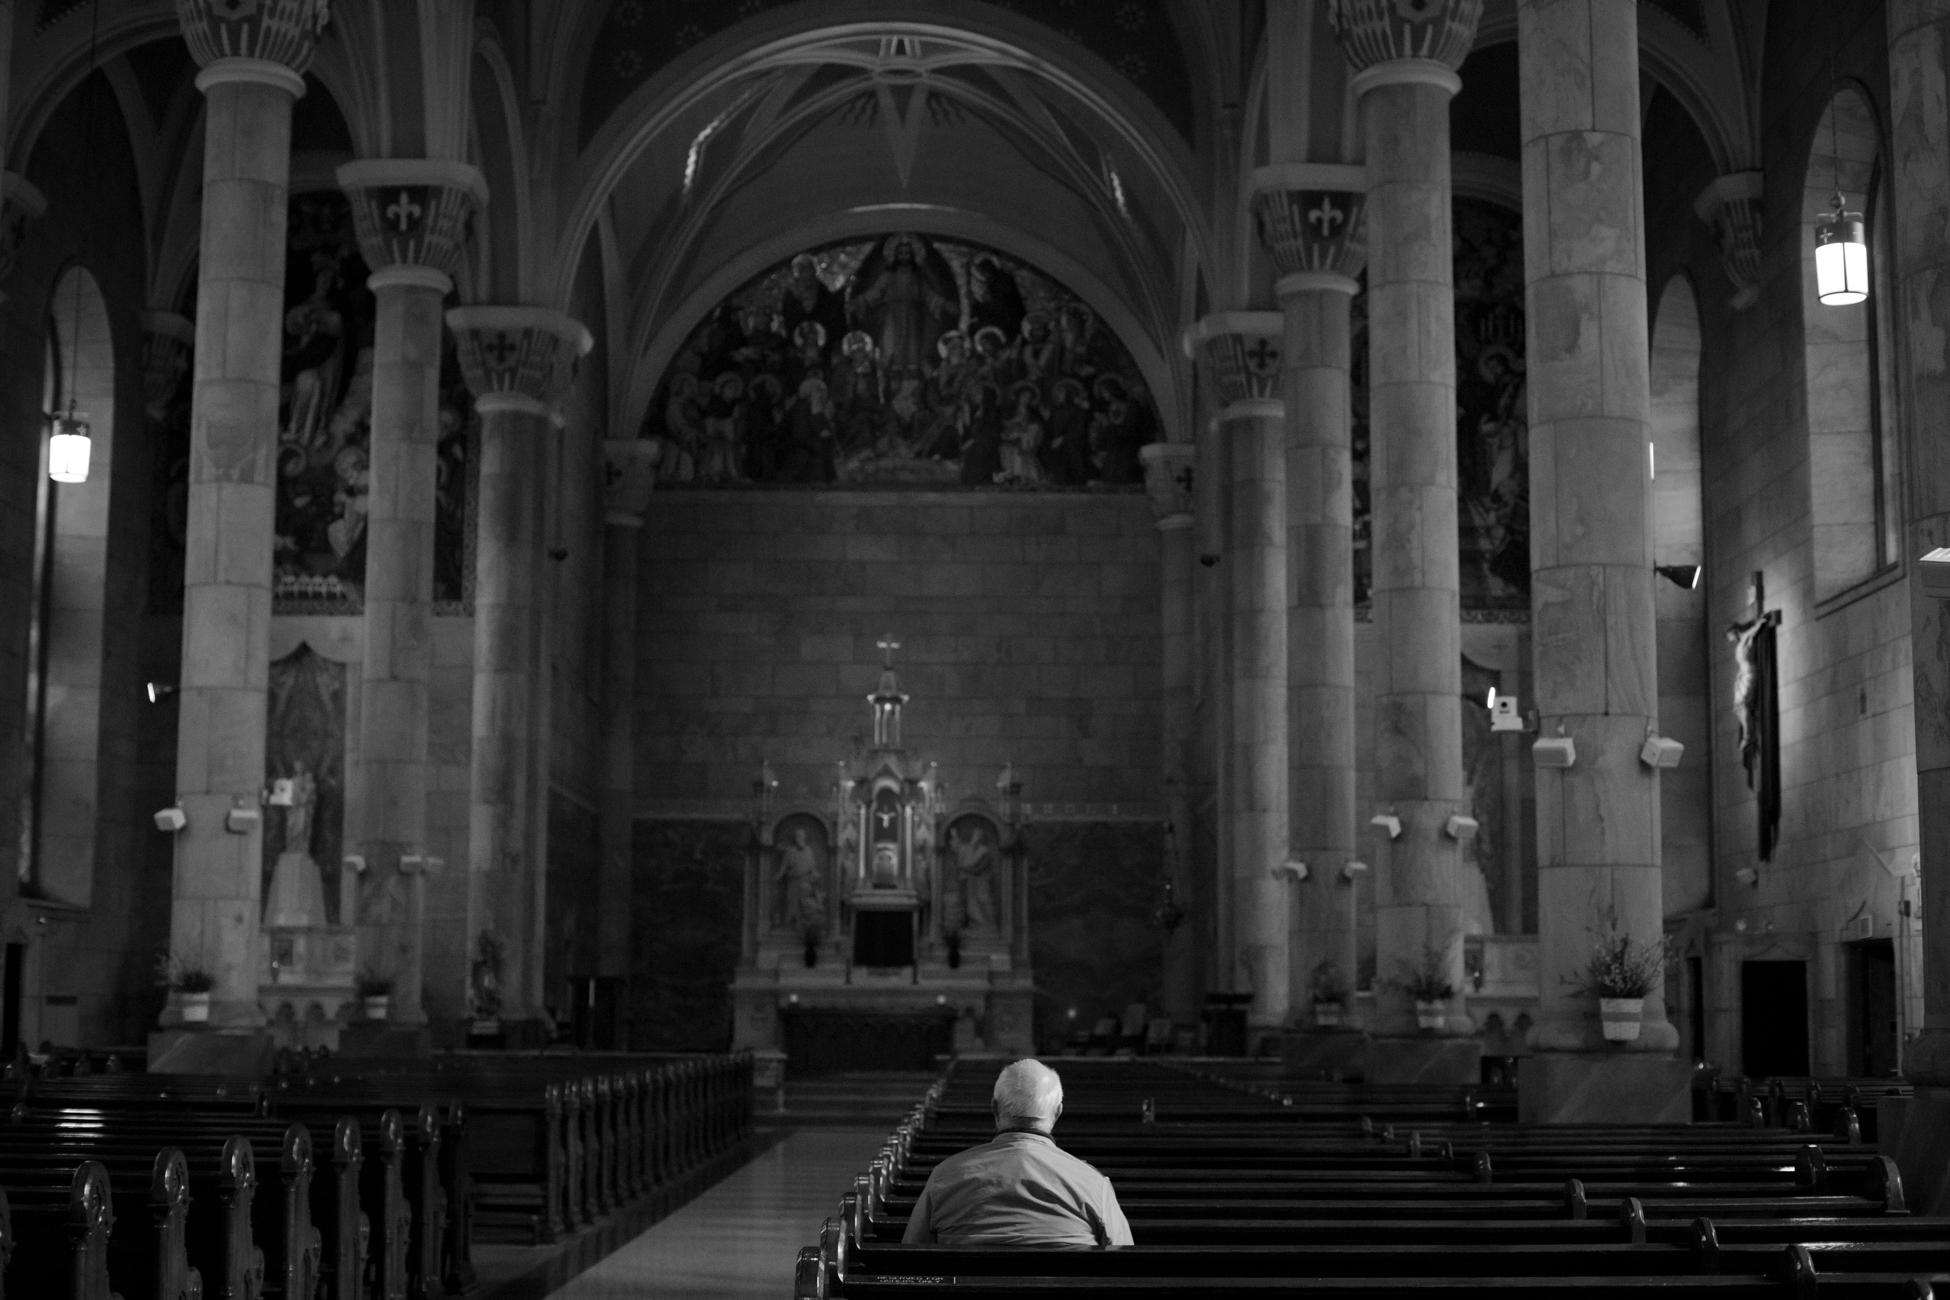 Ed prays in a empty Catholic church